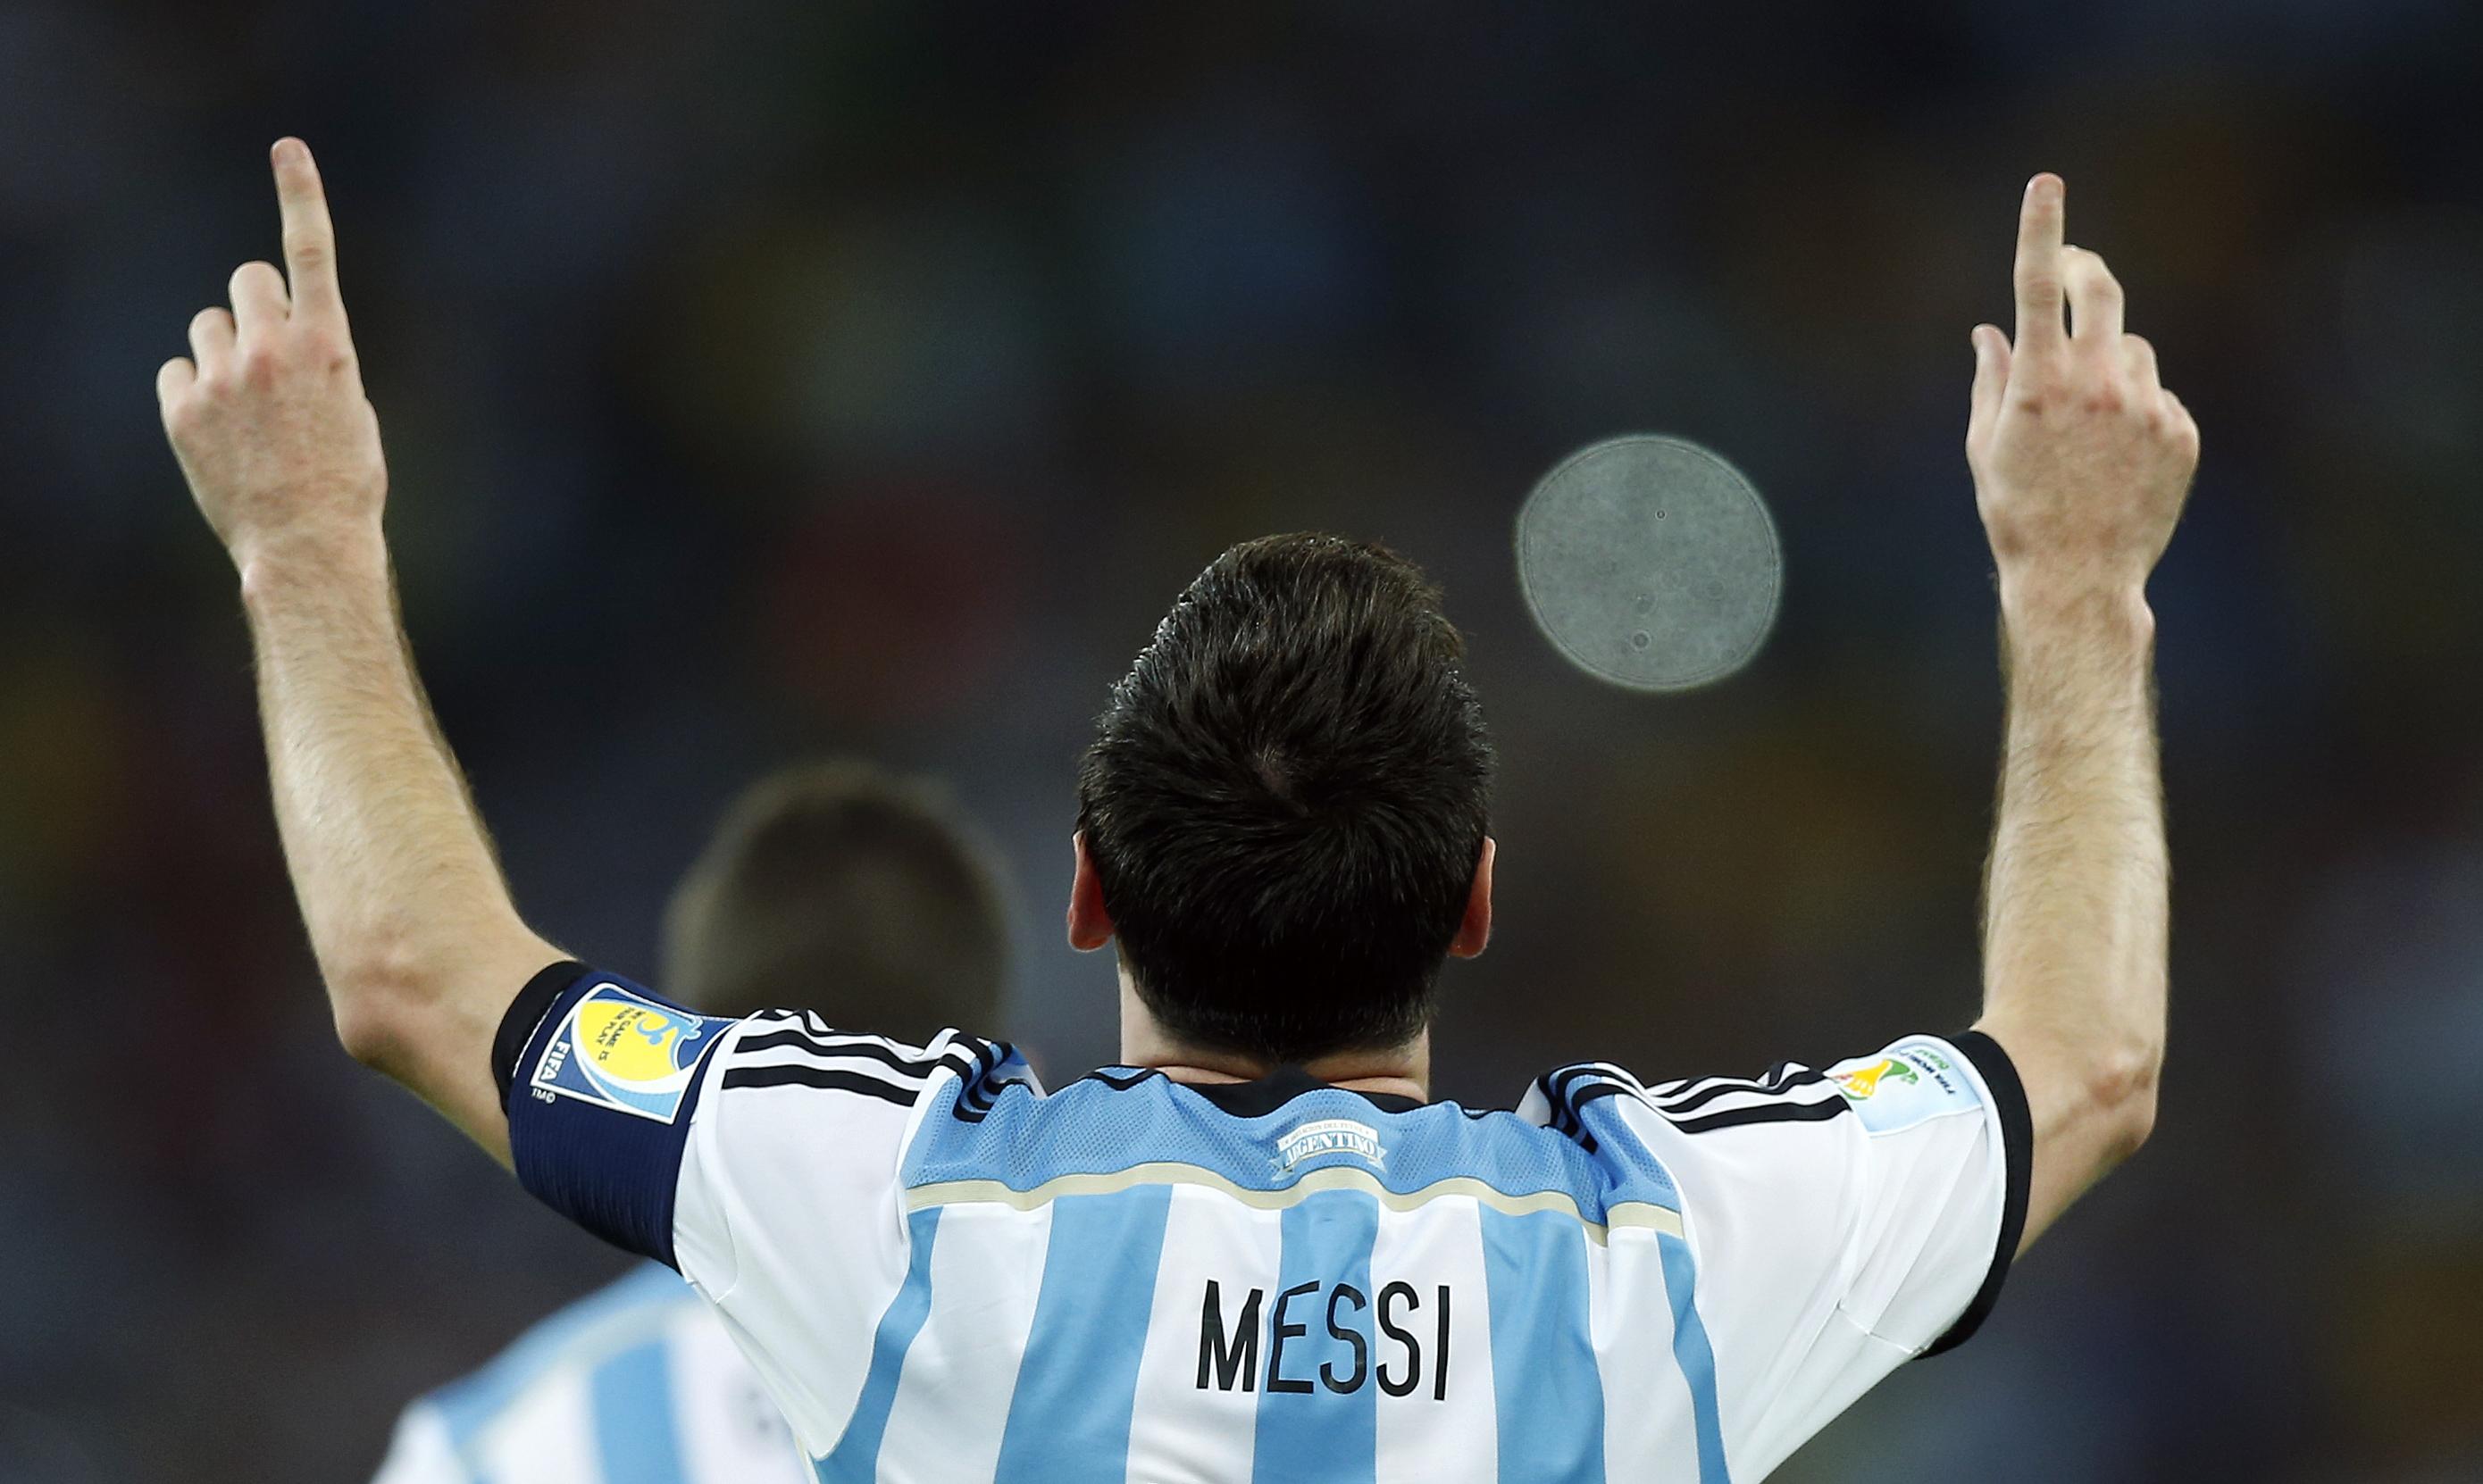 Messi y su camiseta 10 - 2780x1662